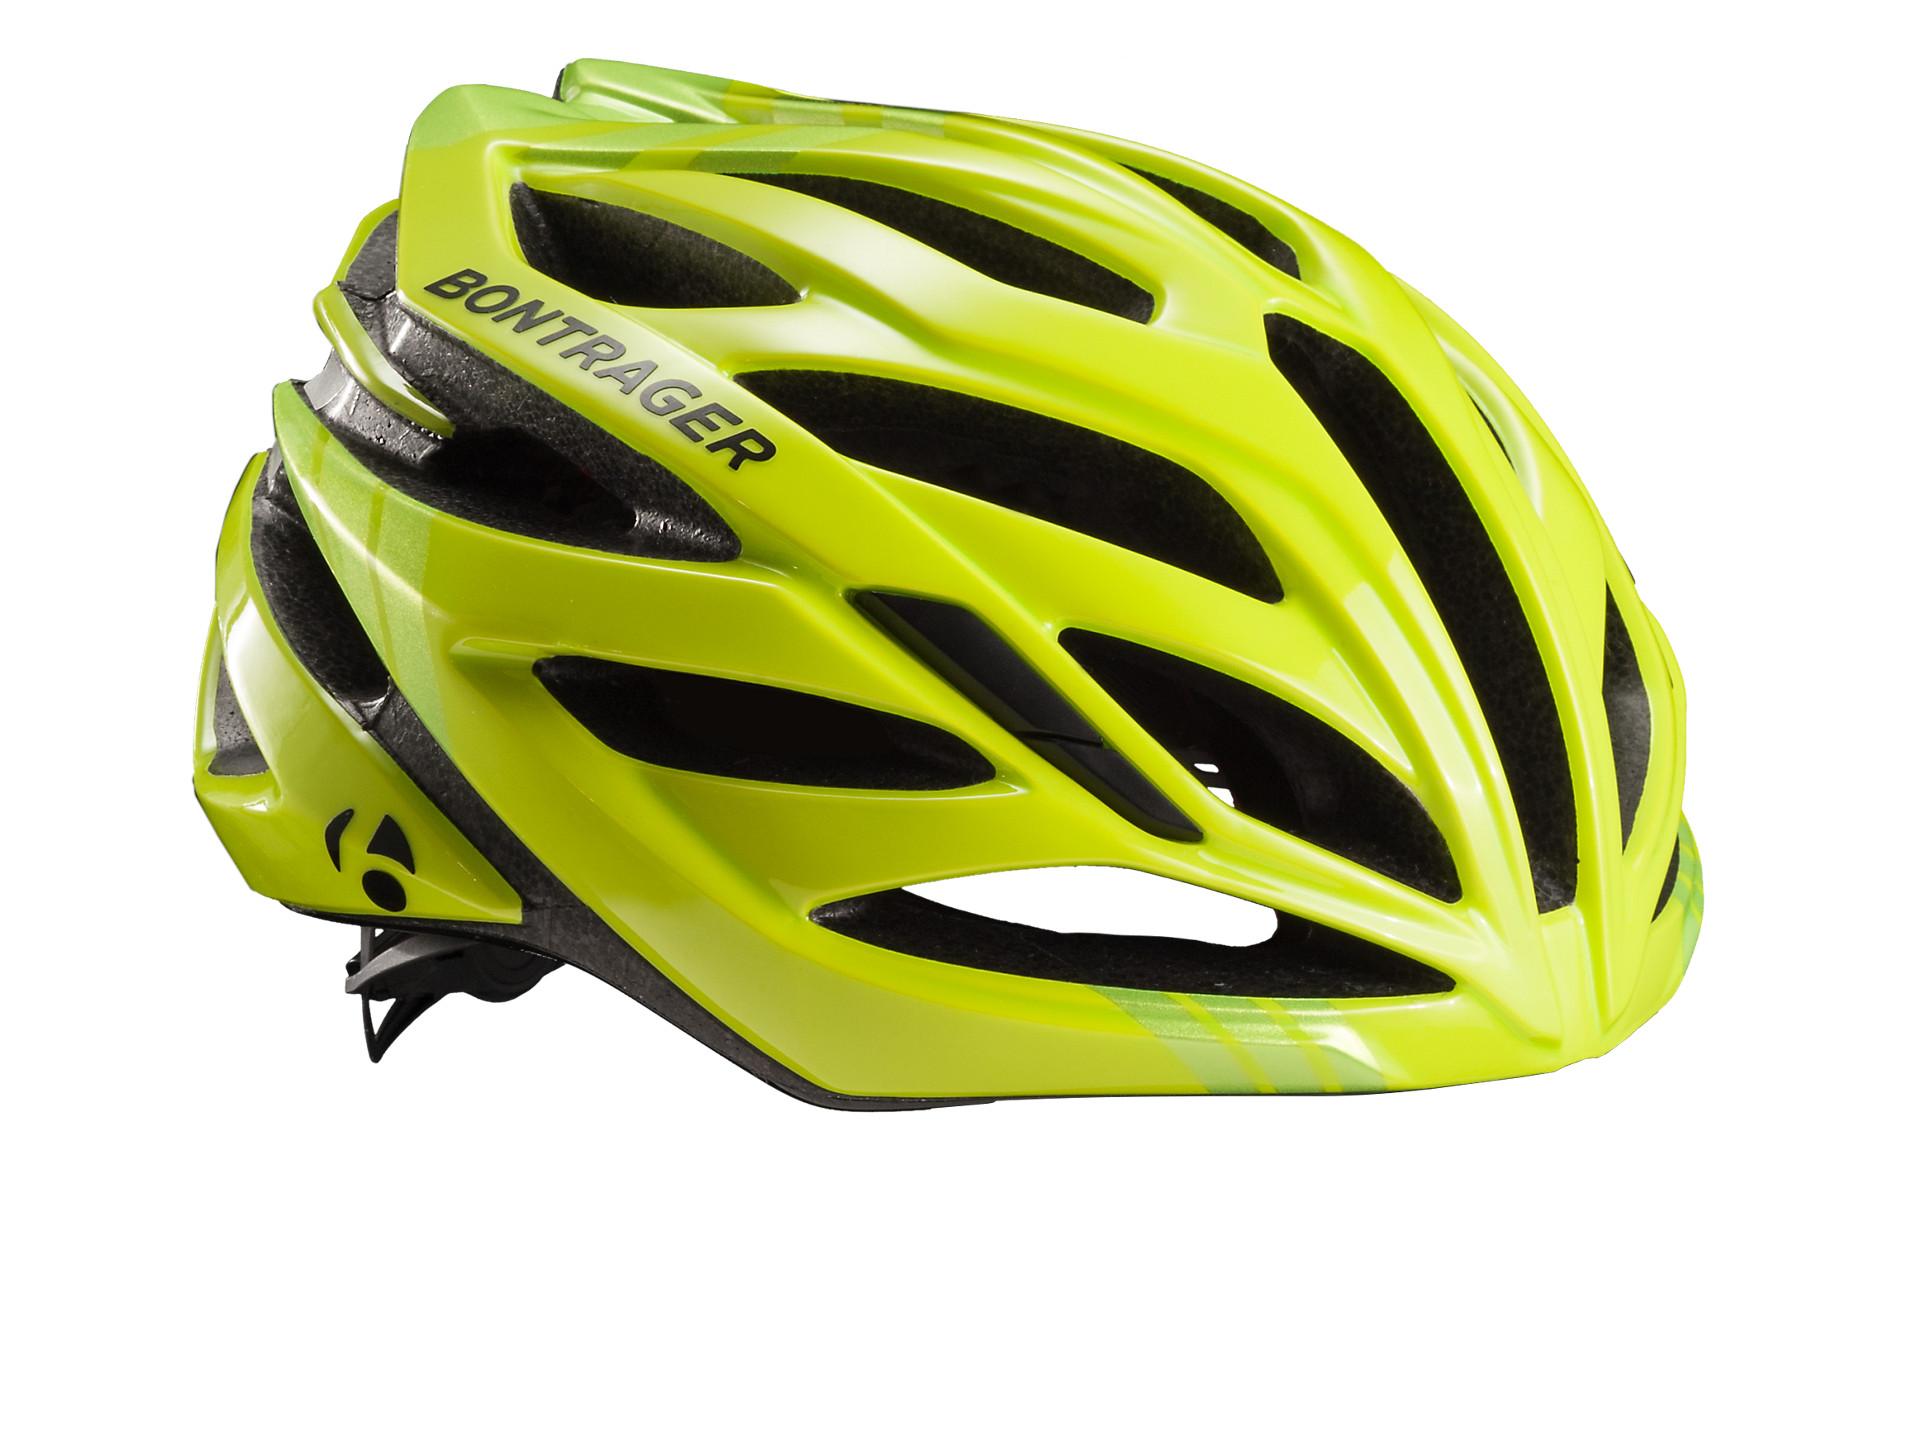 Capacete para bicicleta de estrada Bontrager Circuit 5cea9db33e216